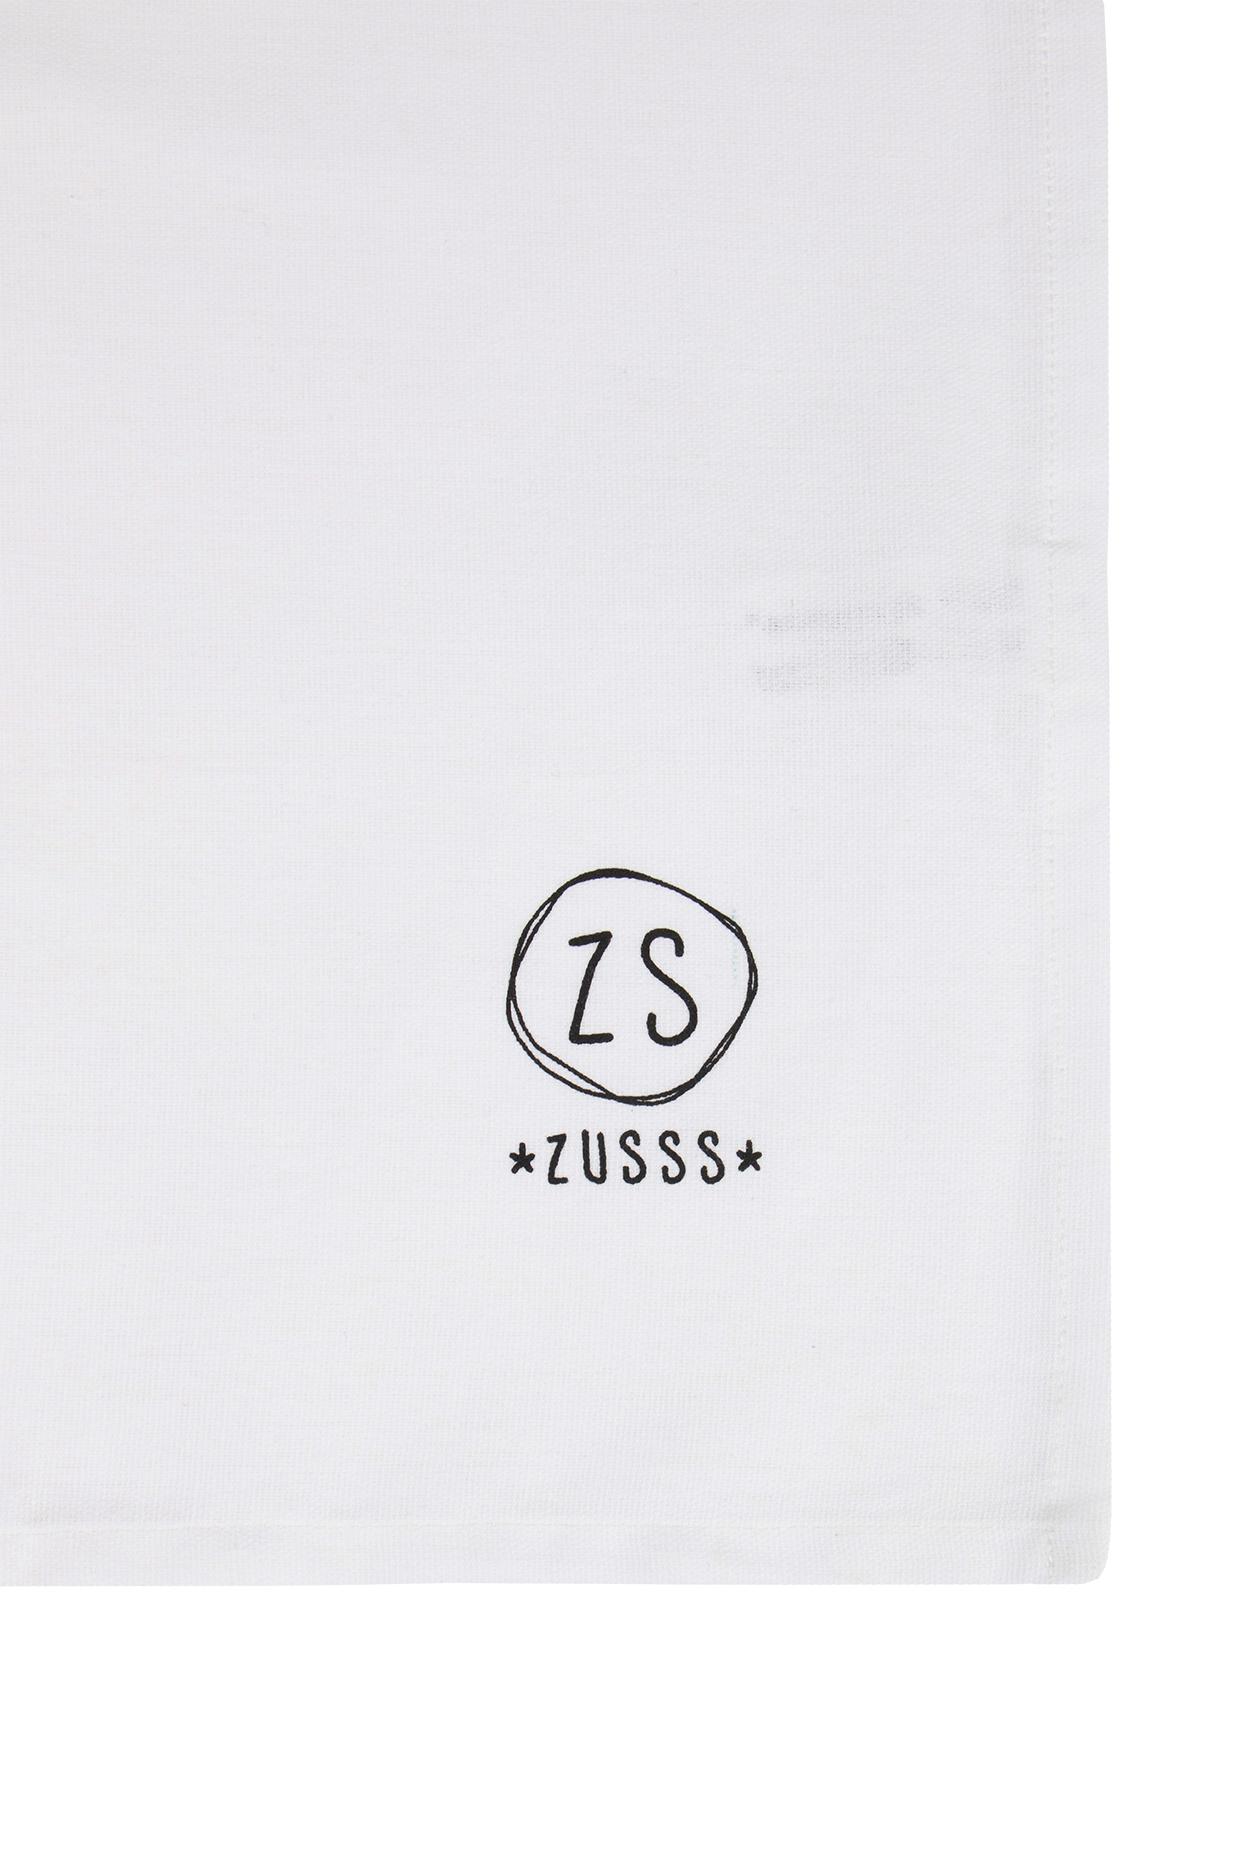 Zusss Theedoek 'geniet' wit 50x70cm